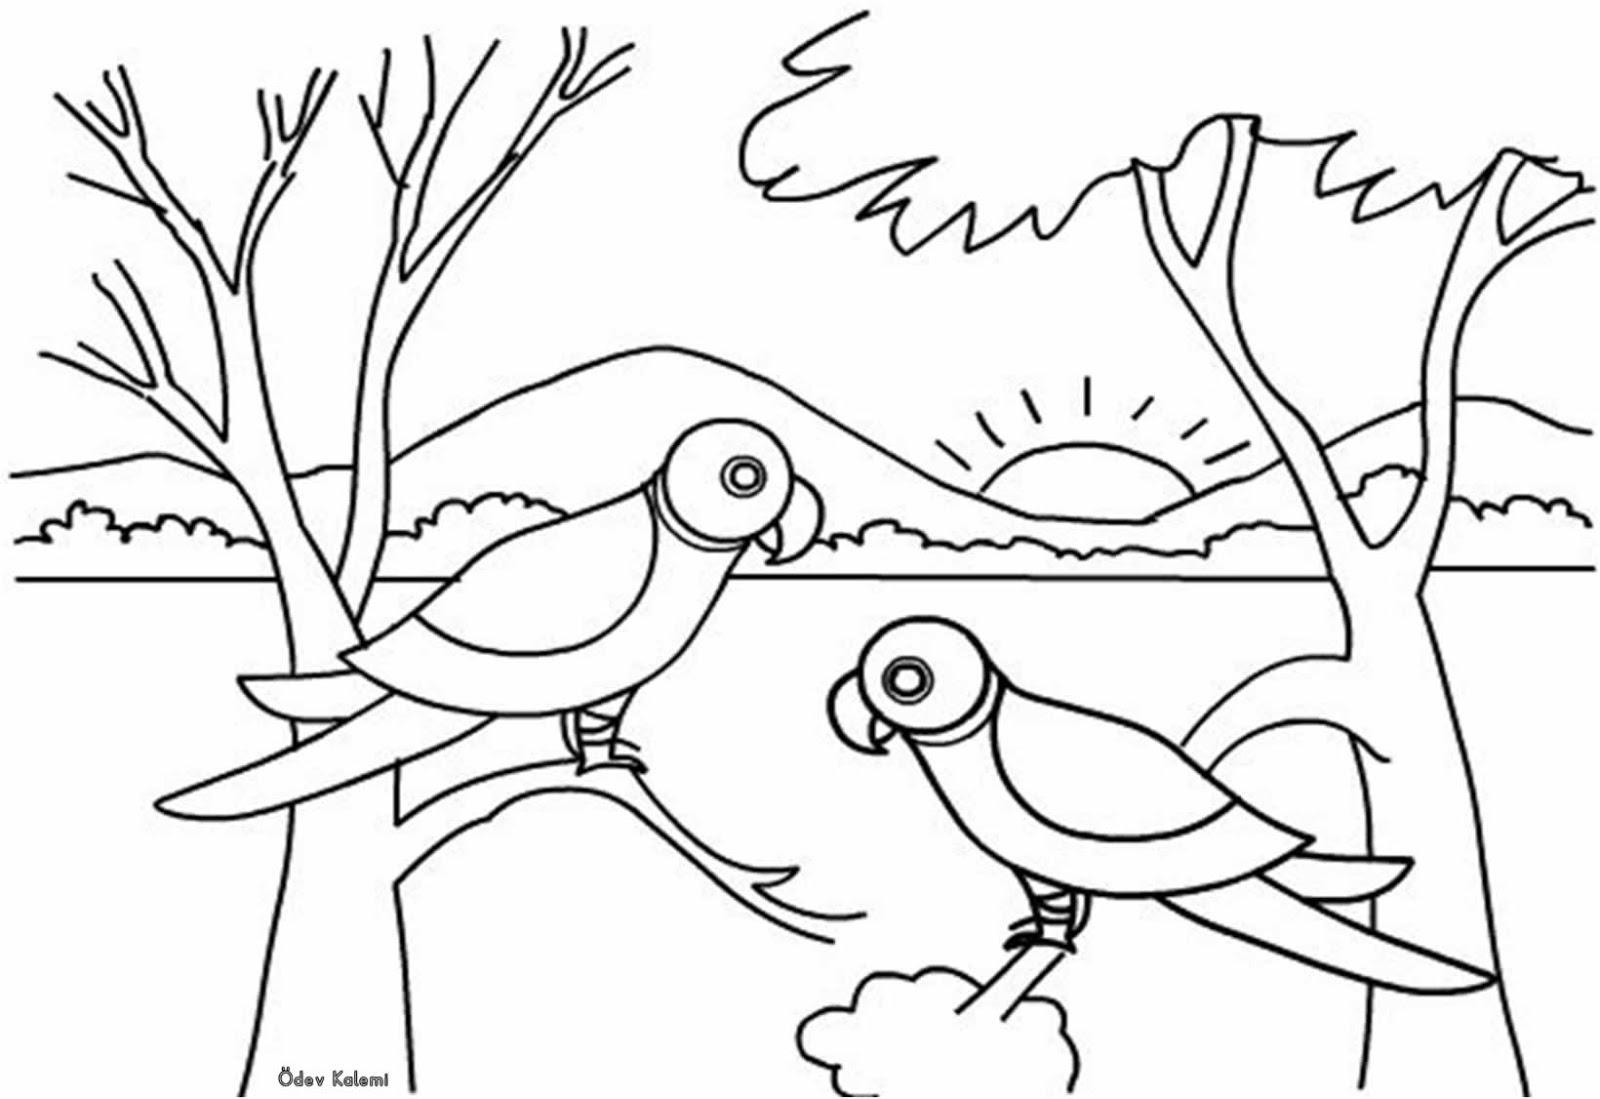 Boyama çalişmasi Papağan 1 Sinif Görsel Sanatlar Dersi ödev Kalemi